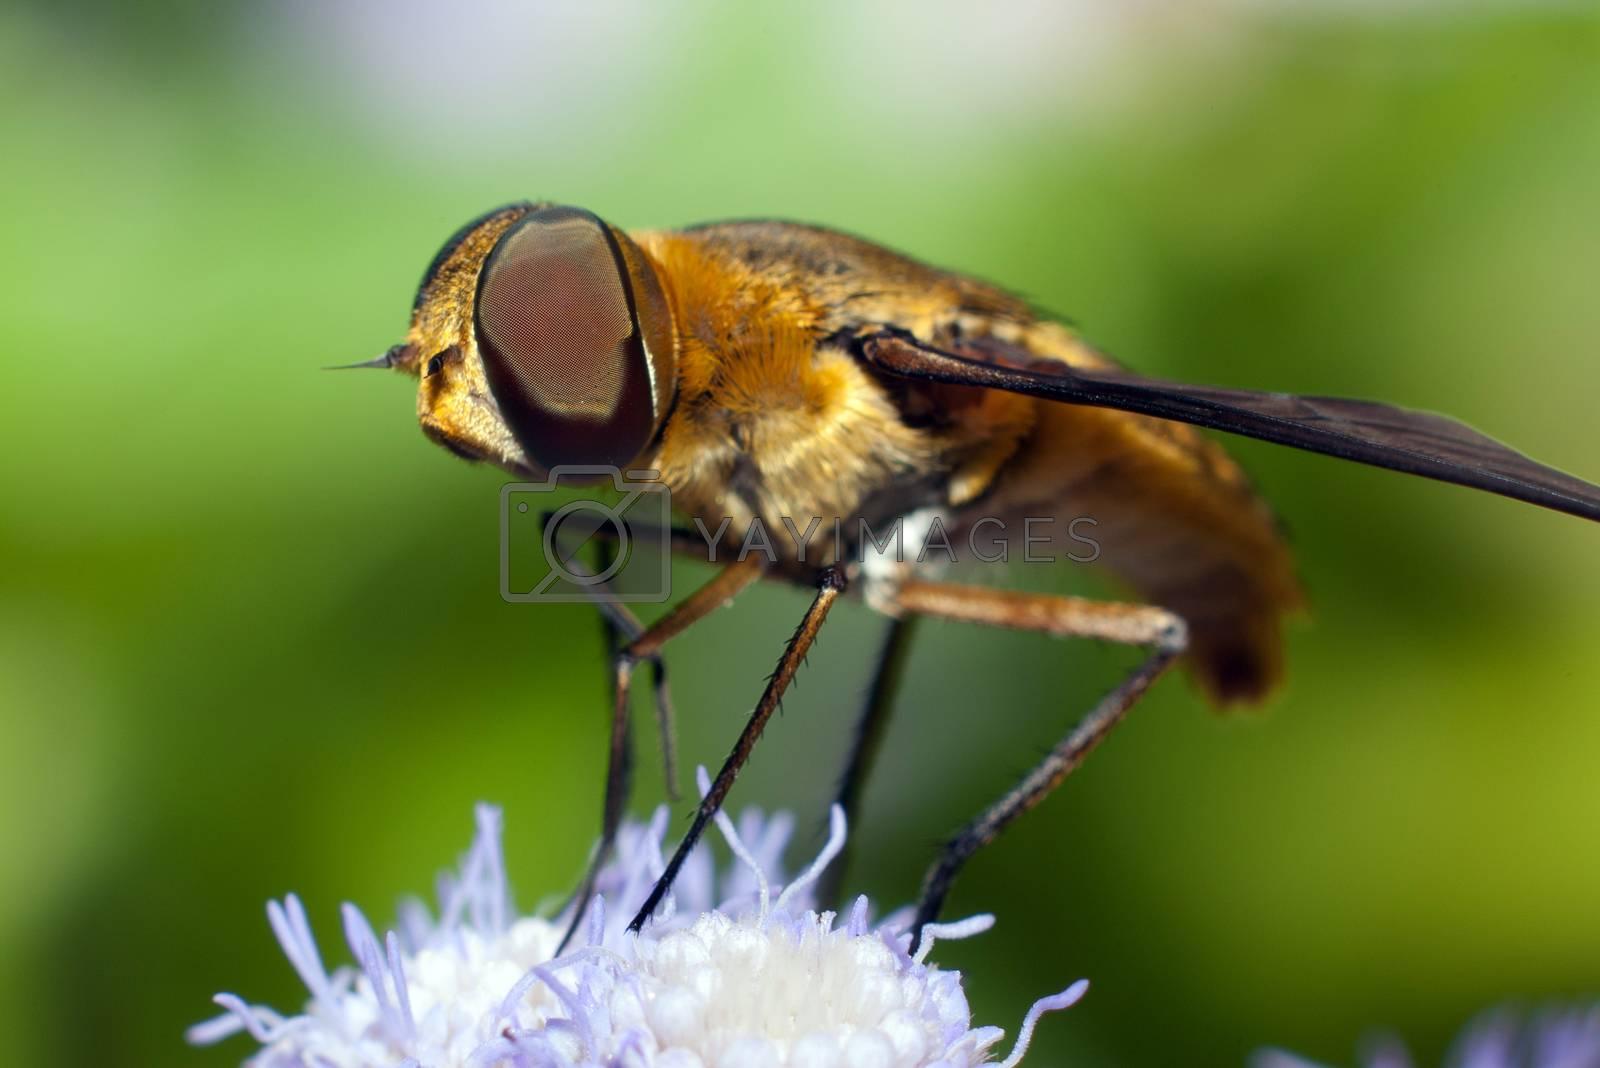 A golden bee on a flower